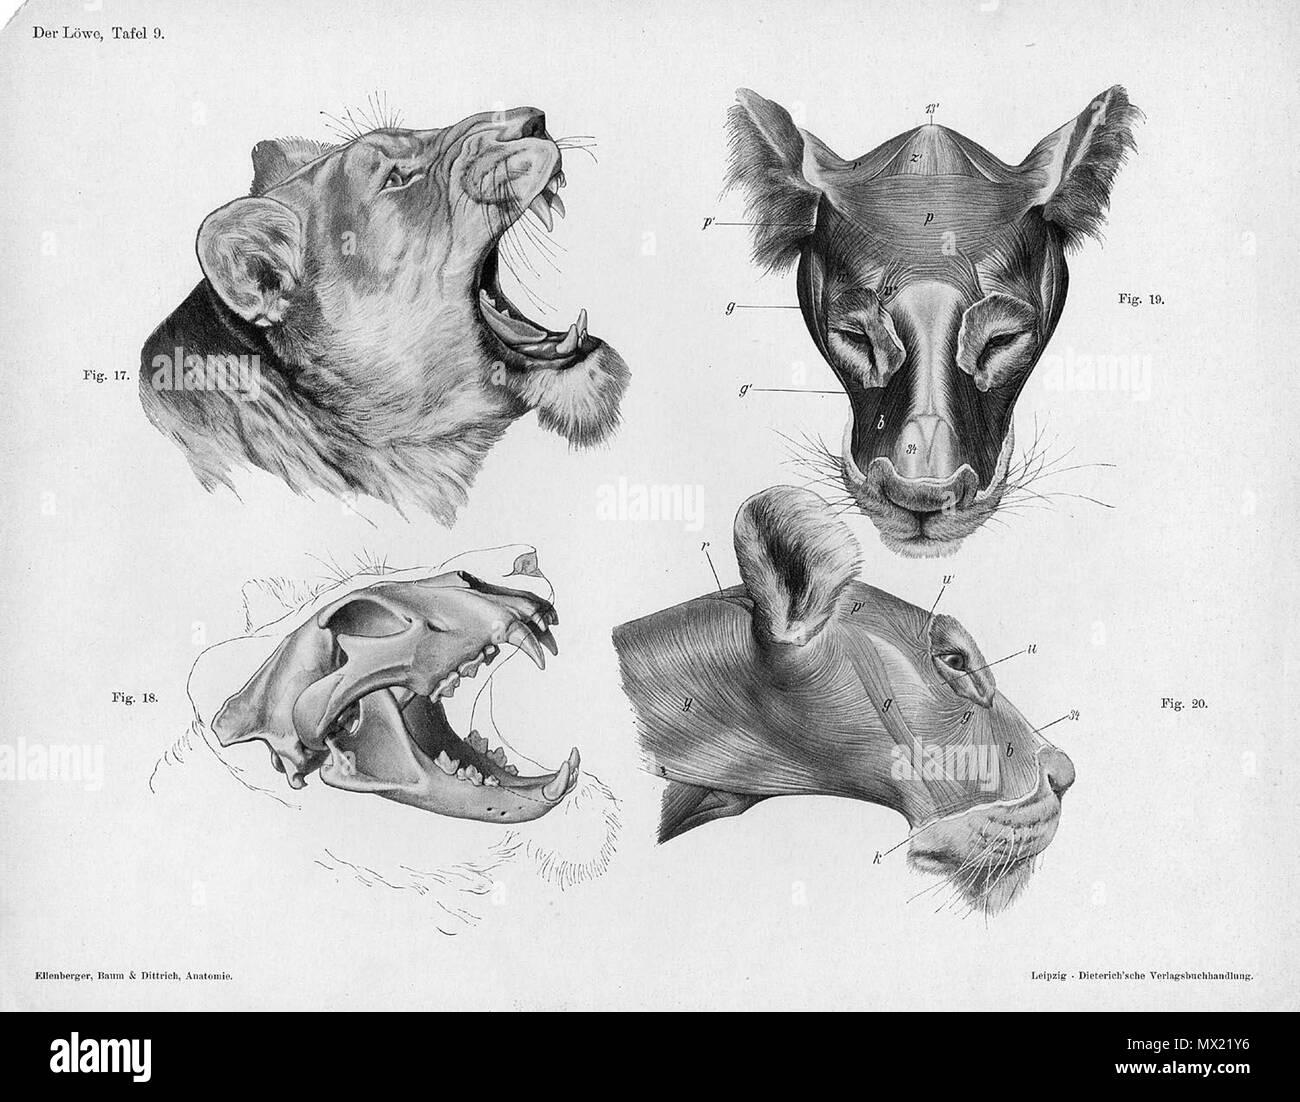 """. Anatómica Animal grabado de Handbuch der Anatomie der Tiere für Künstler"""" - Hermann Dittrich, Illustrator. 1889 y 1911-1925. Wilhelm Ellenberger y Hermann Baum 373 anatomía cabeza de león Foto de stock"""